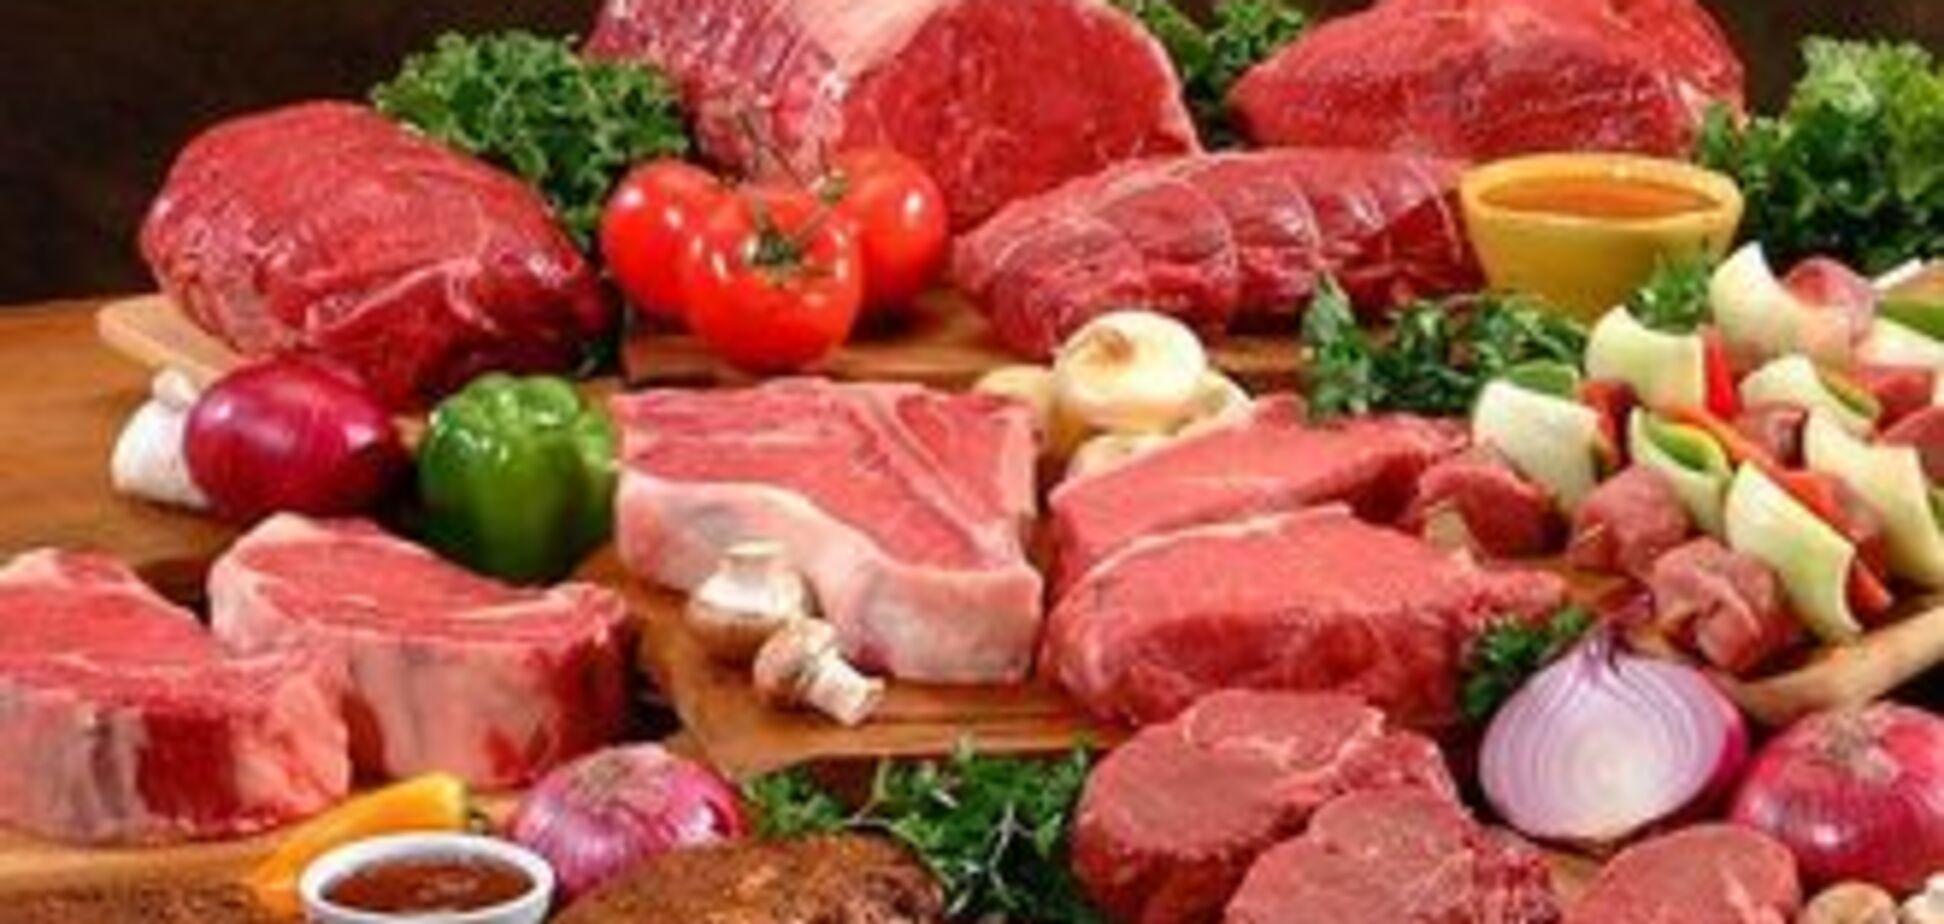 У Чернігові розкрили підпільний цех заготівлі м'яса